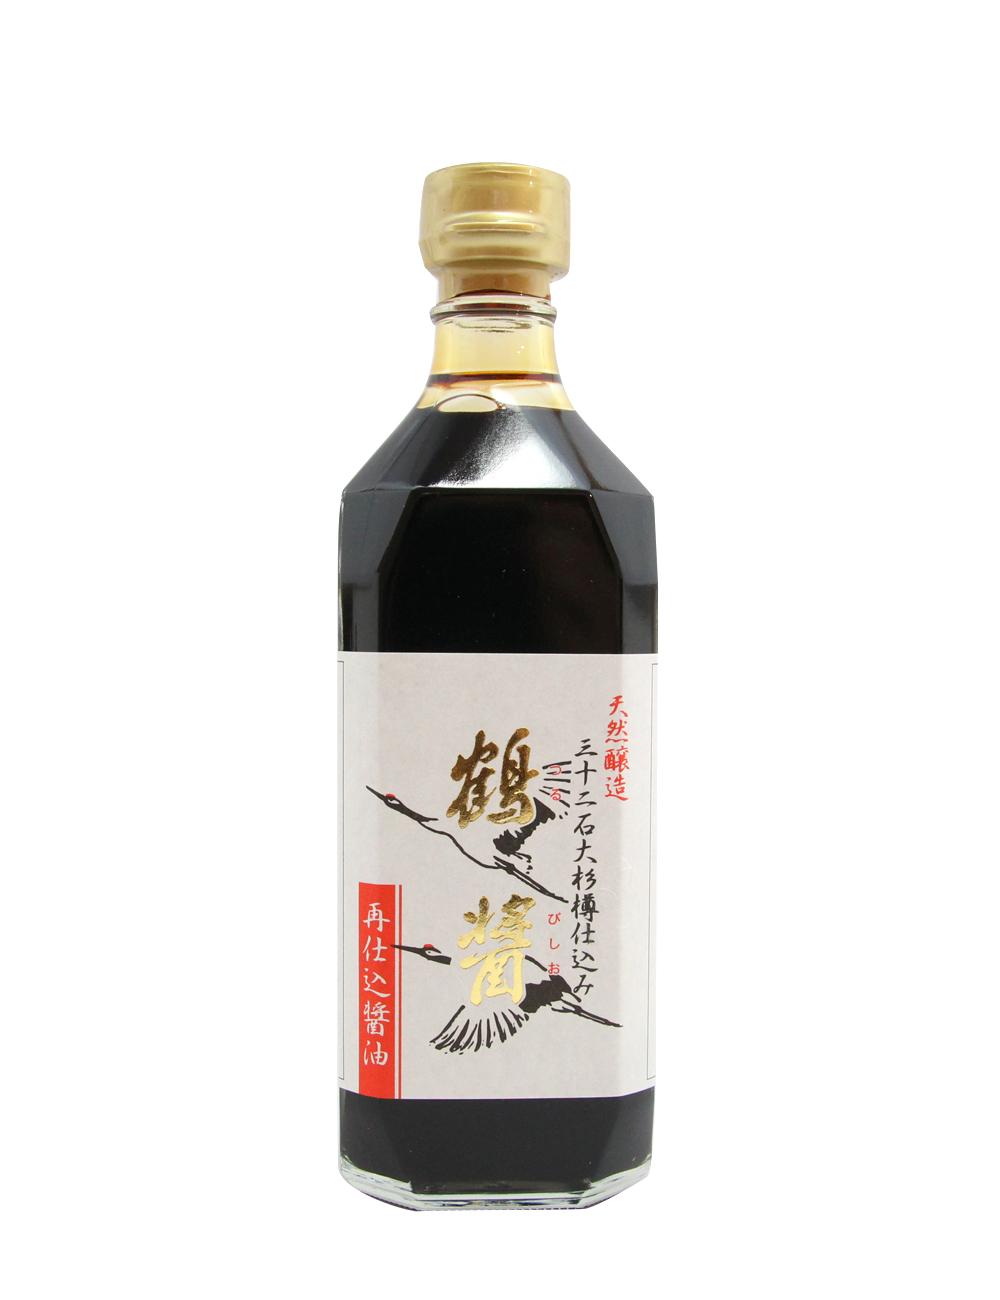 天然醸造再仕込醤油 鶴醤(つるびしお)国産丸大豆使用